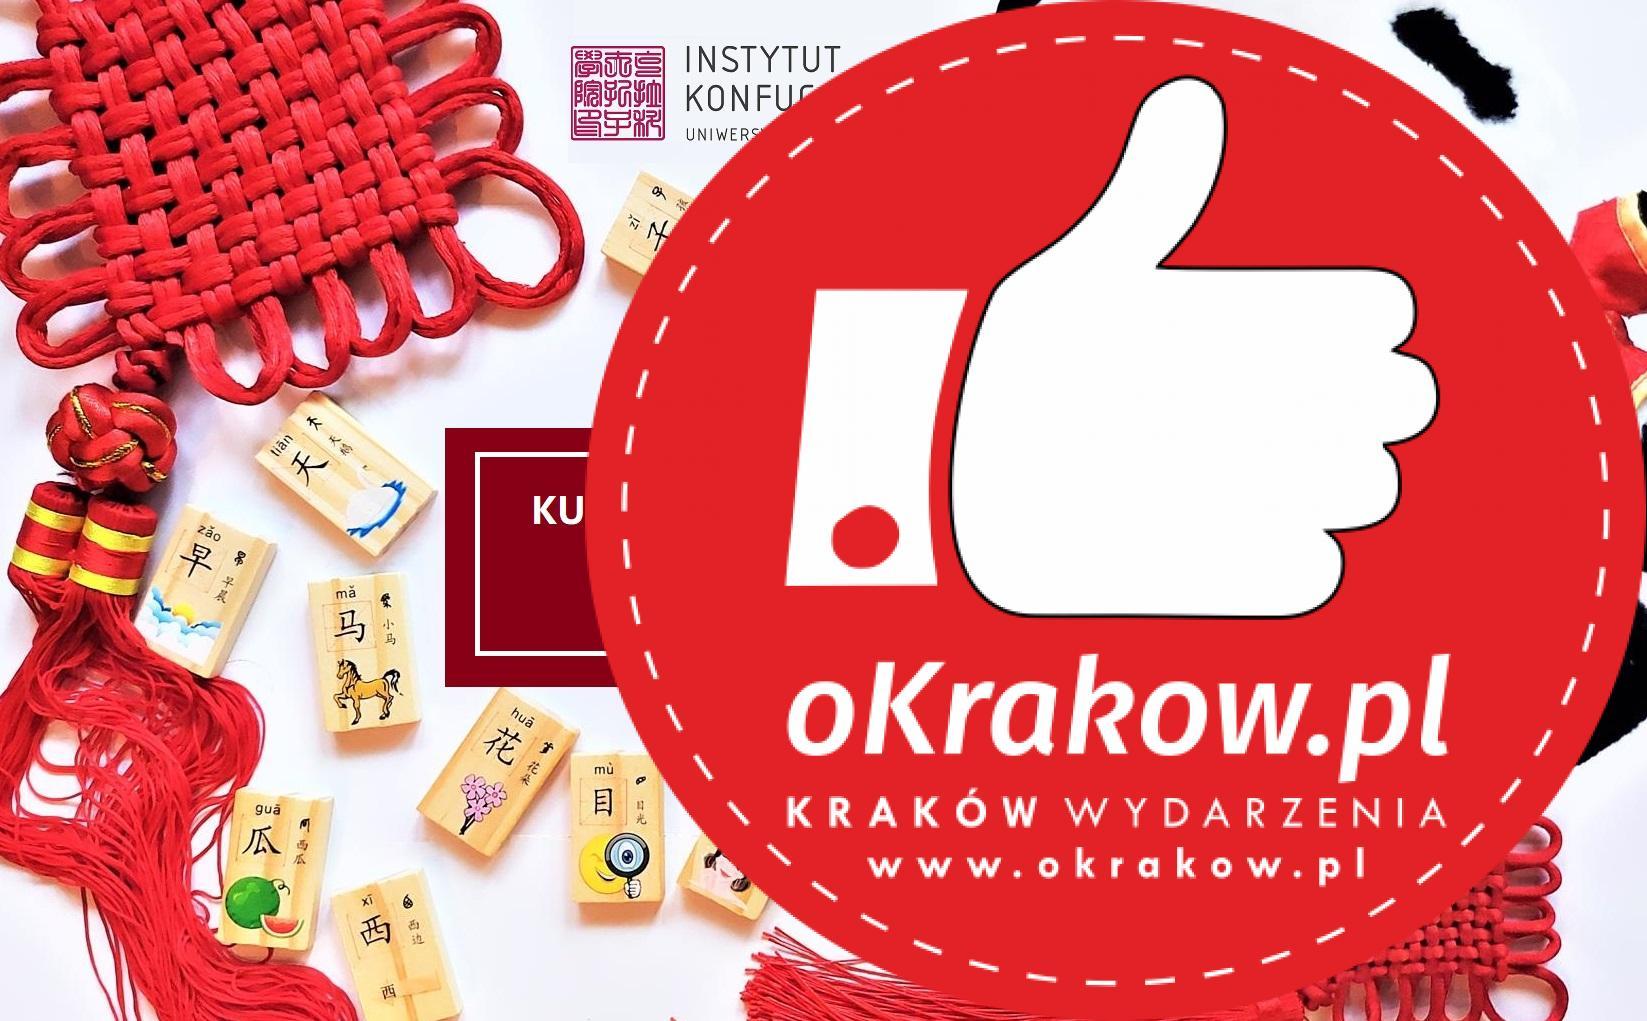 kursy chinskiego dla dzieci semestr zimowy - Chiński dla dzieci i młodzieży jesienią